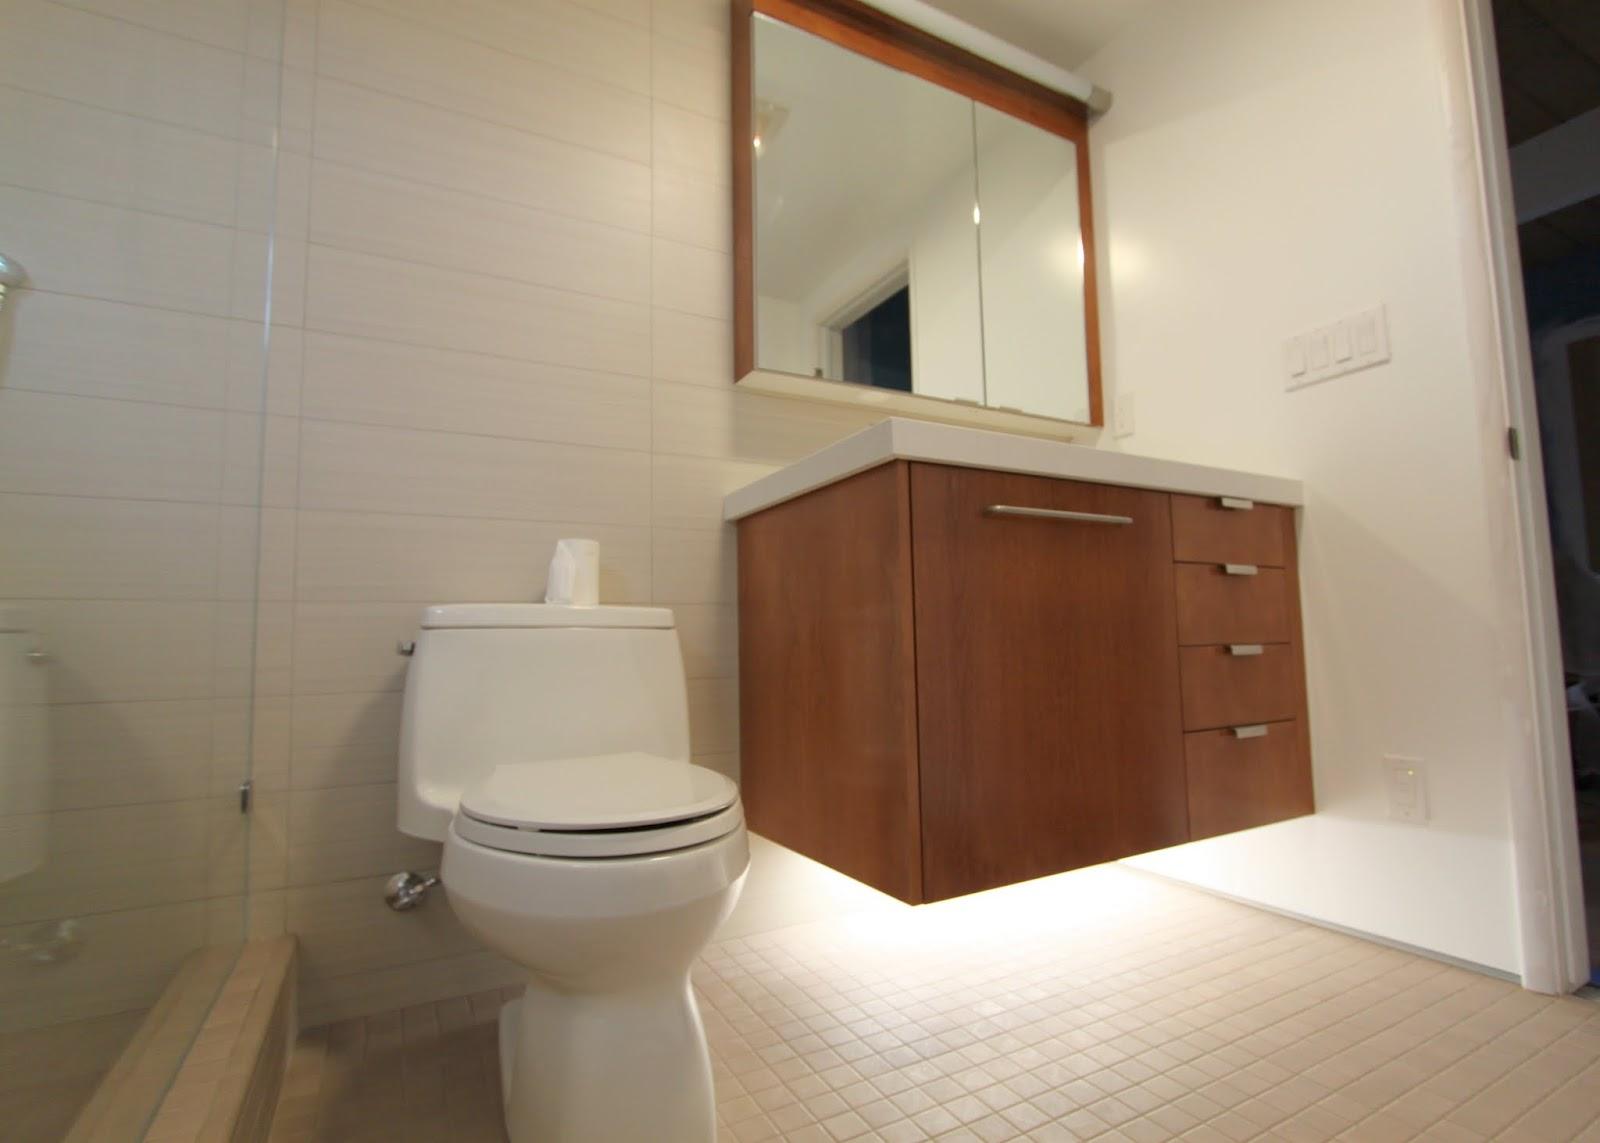 mid century modern bathroom tile 15 innovative ideas - Midcentury Bathroom 2015